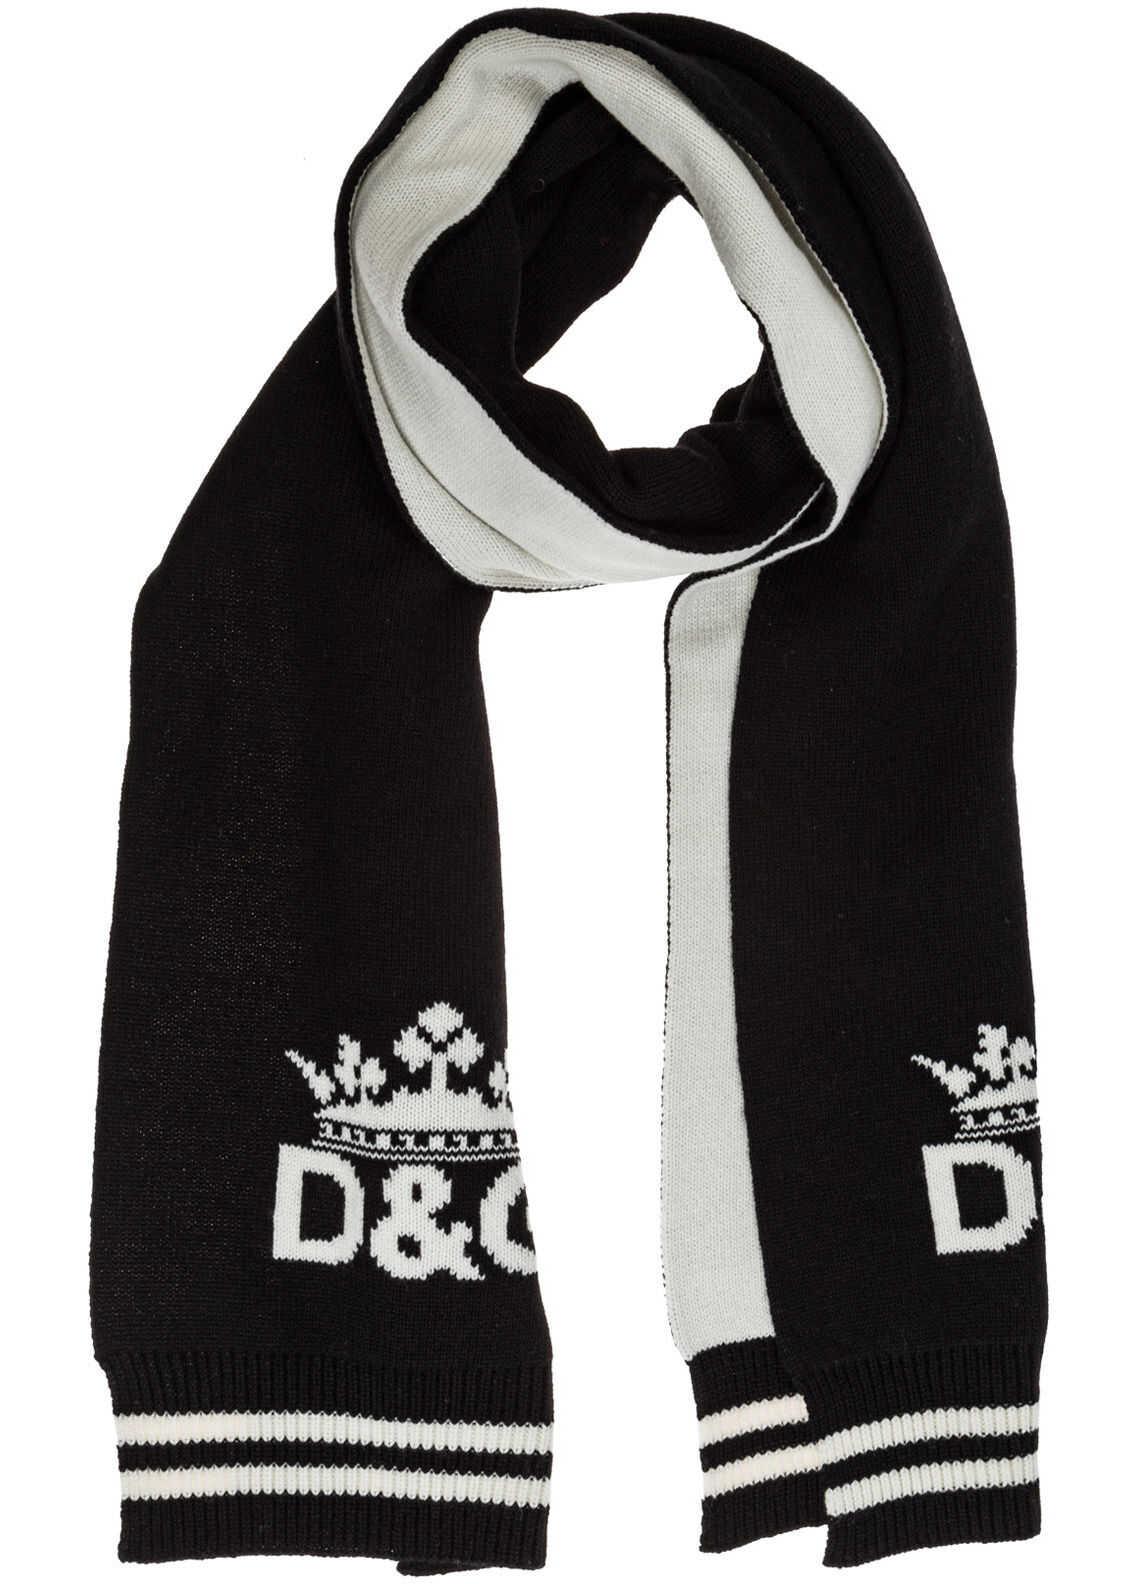 Dolce & Gabbana Cashmere Scarf Black